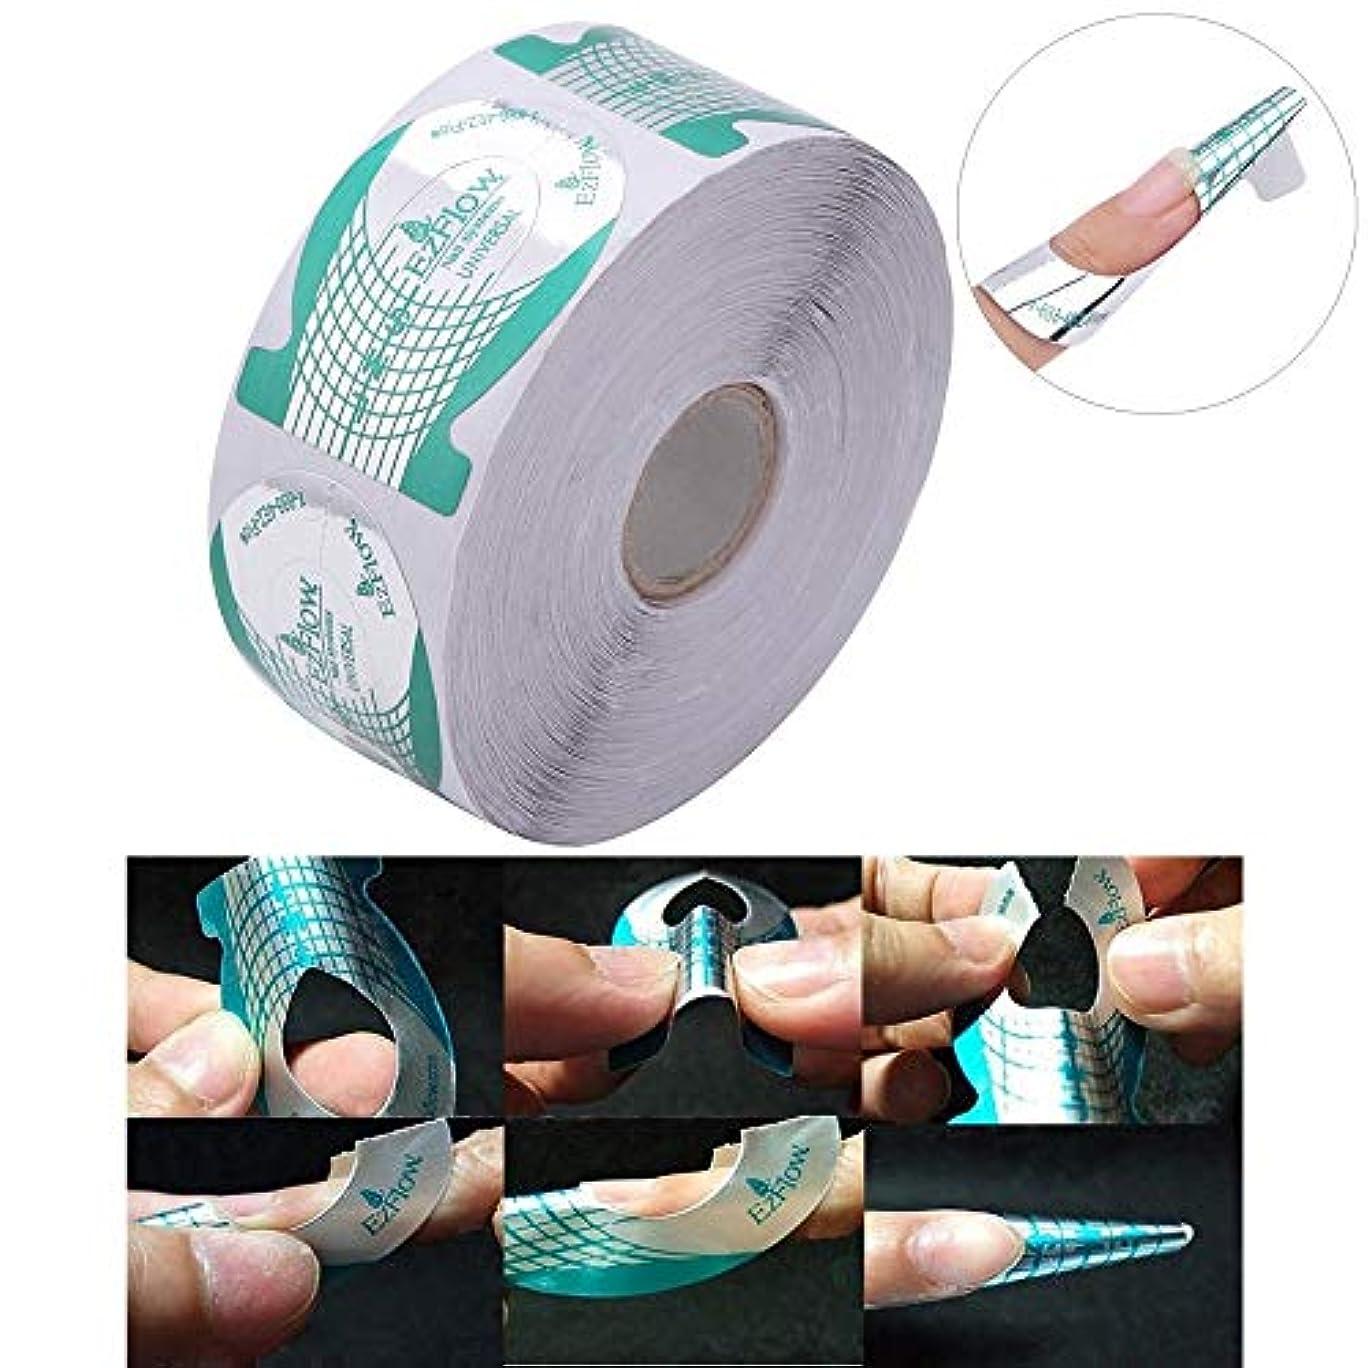 伸ばす迫害攻撃的500pcs/roll Nail Art French Green Missile Shape Forms Acrylic Curve Polish UV Gel Extension Builder Guide Stencil...